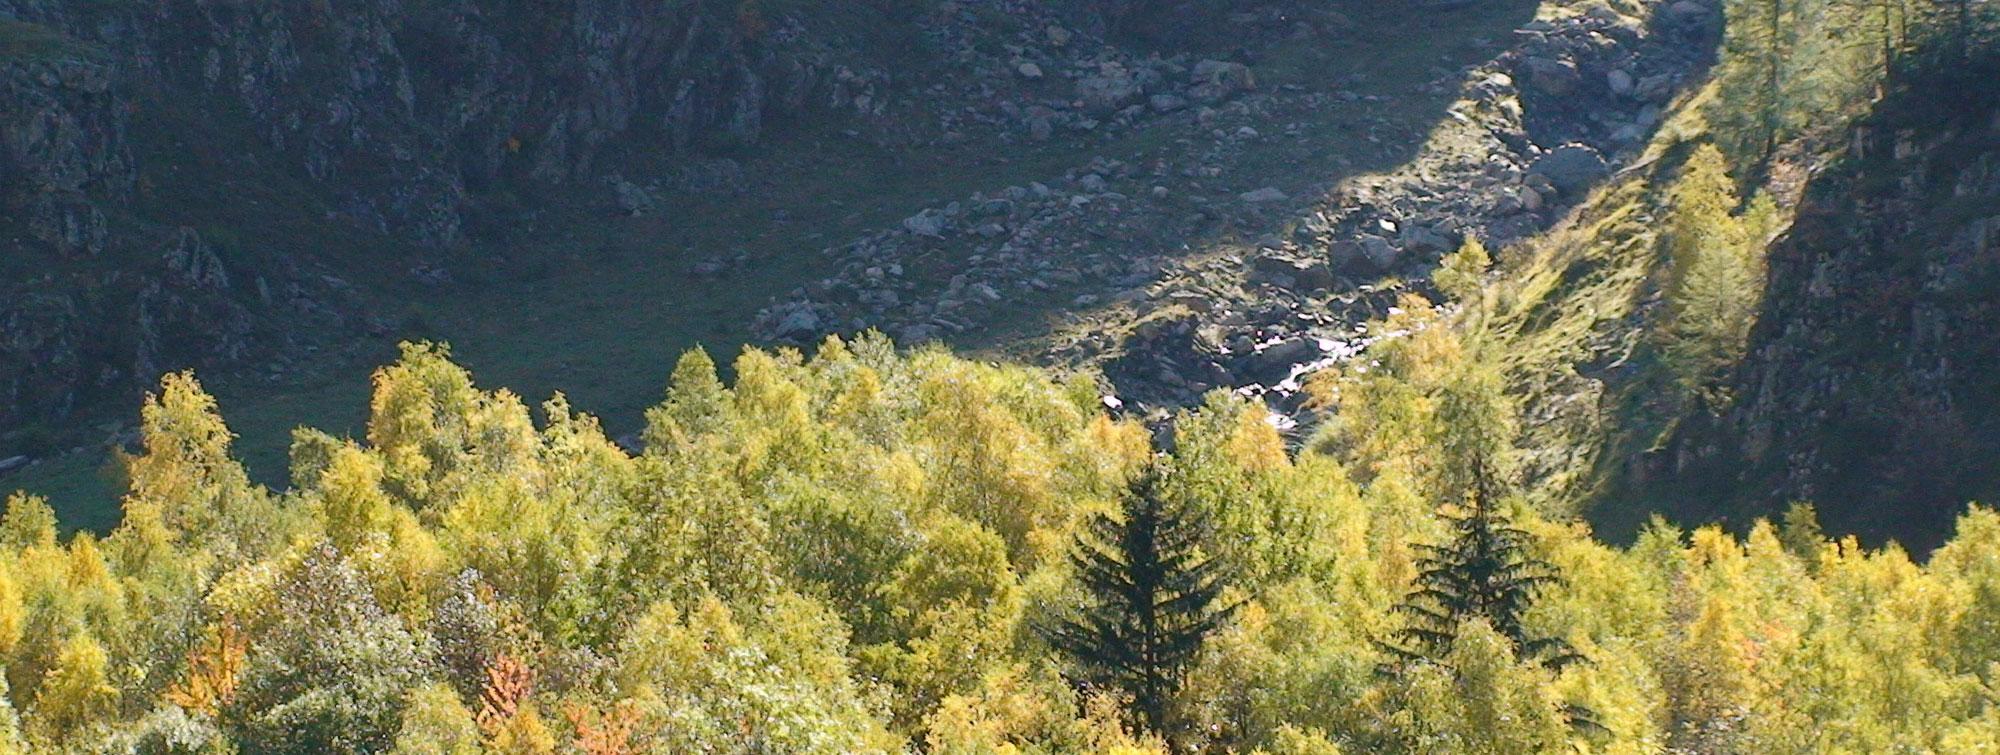 La forêt au pied de la montée du col de Vaurze au Désert de Valjouffrey face à la chambre d'hôte Les épilobes